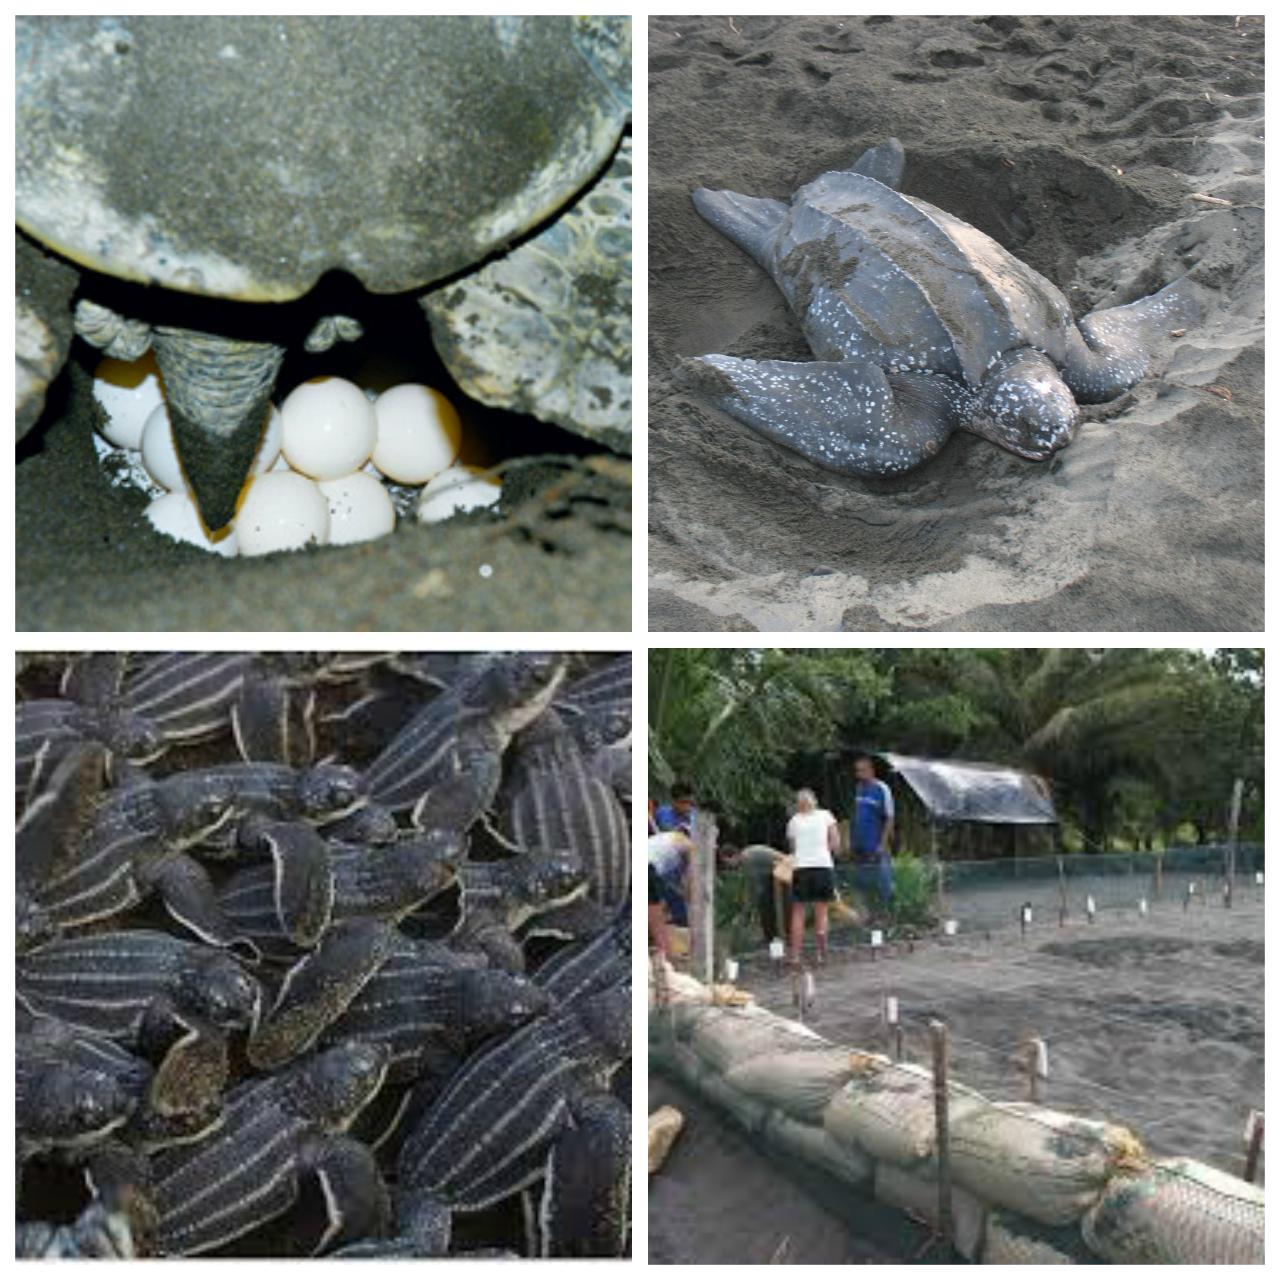 Gandoca Turtles (Congo Bongo)